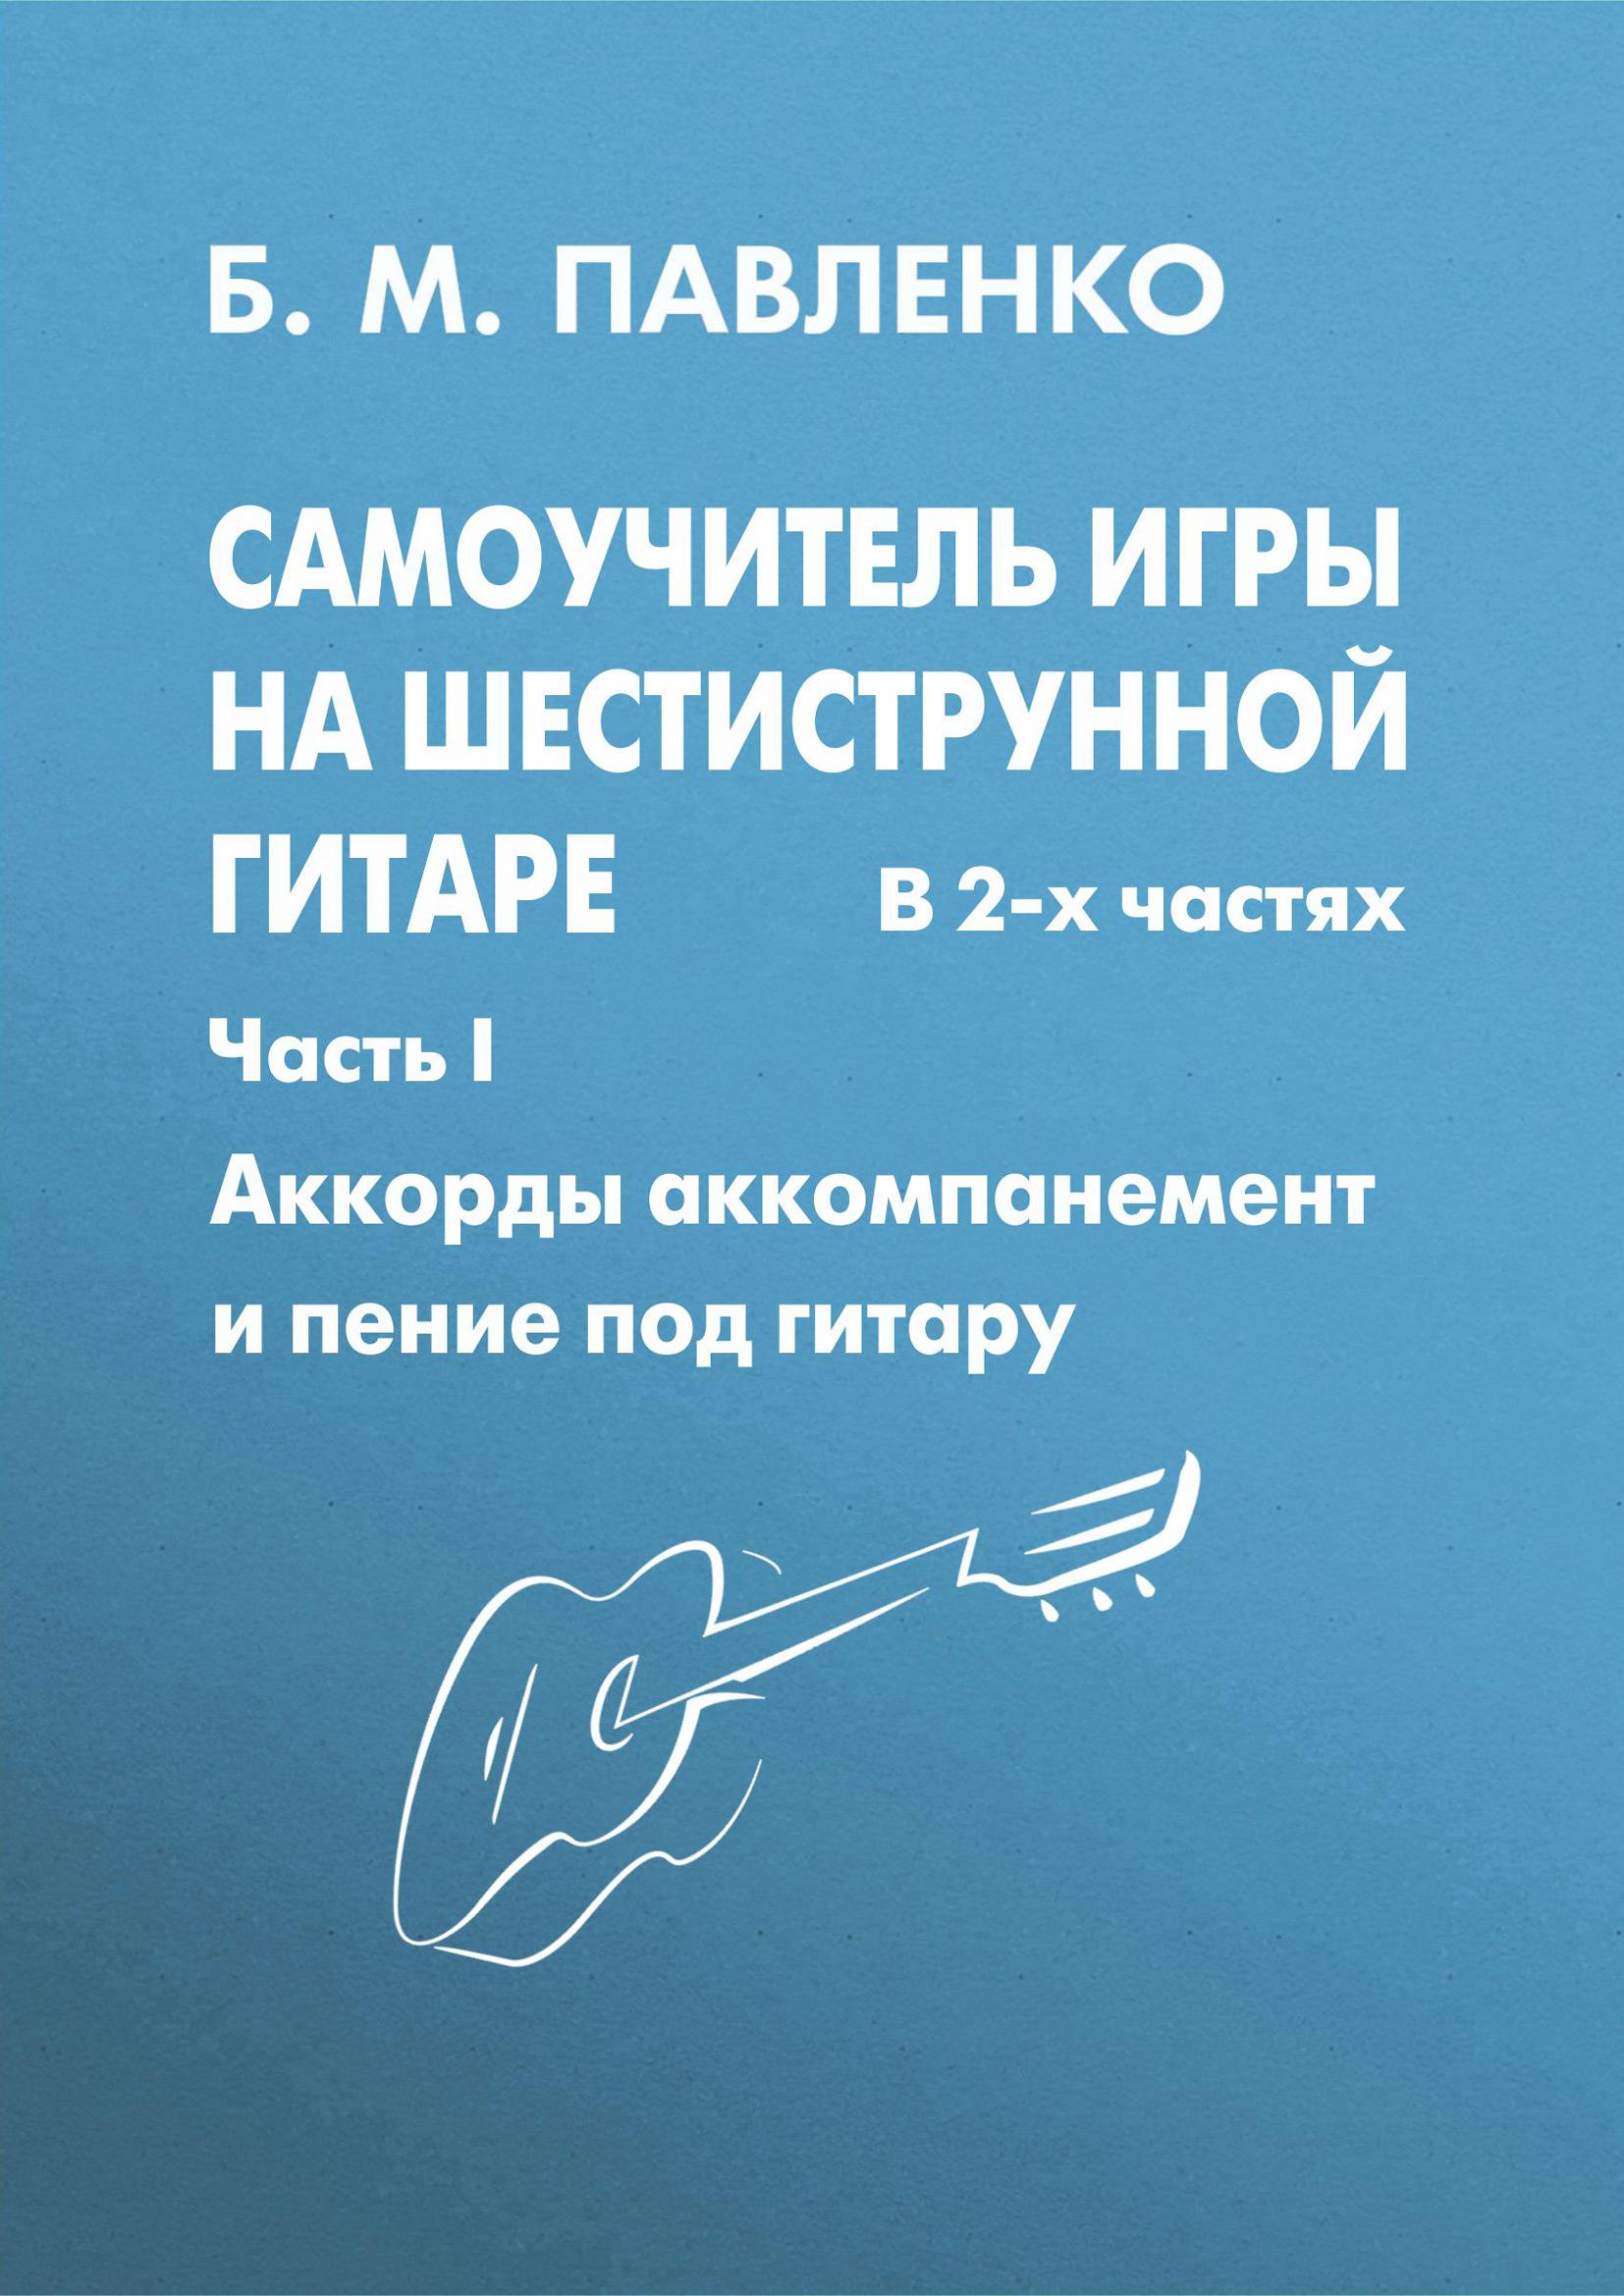 Б. М. Павленко Самоучитель игры на шестиструнной гитаре в 2-х частях. Аккорды, аккомпанемент и пение под гитару. Часть I рупор beyma td164